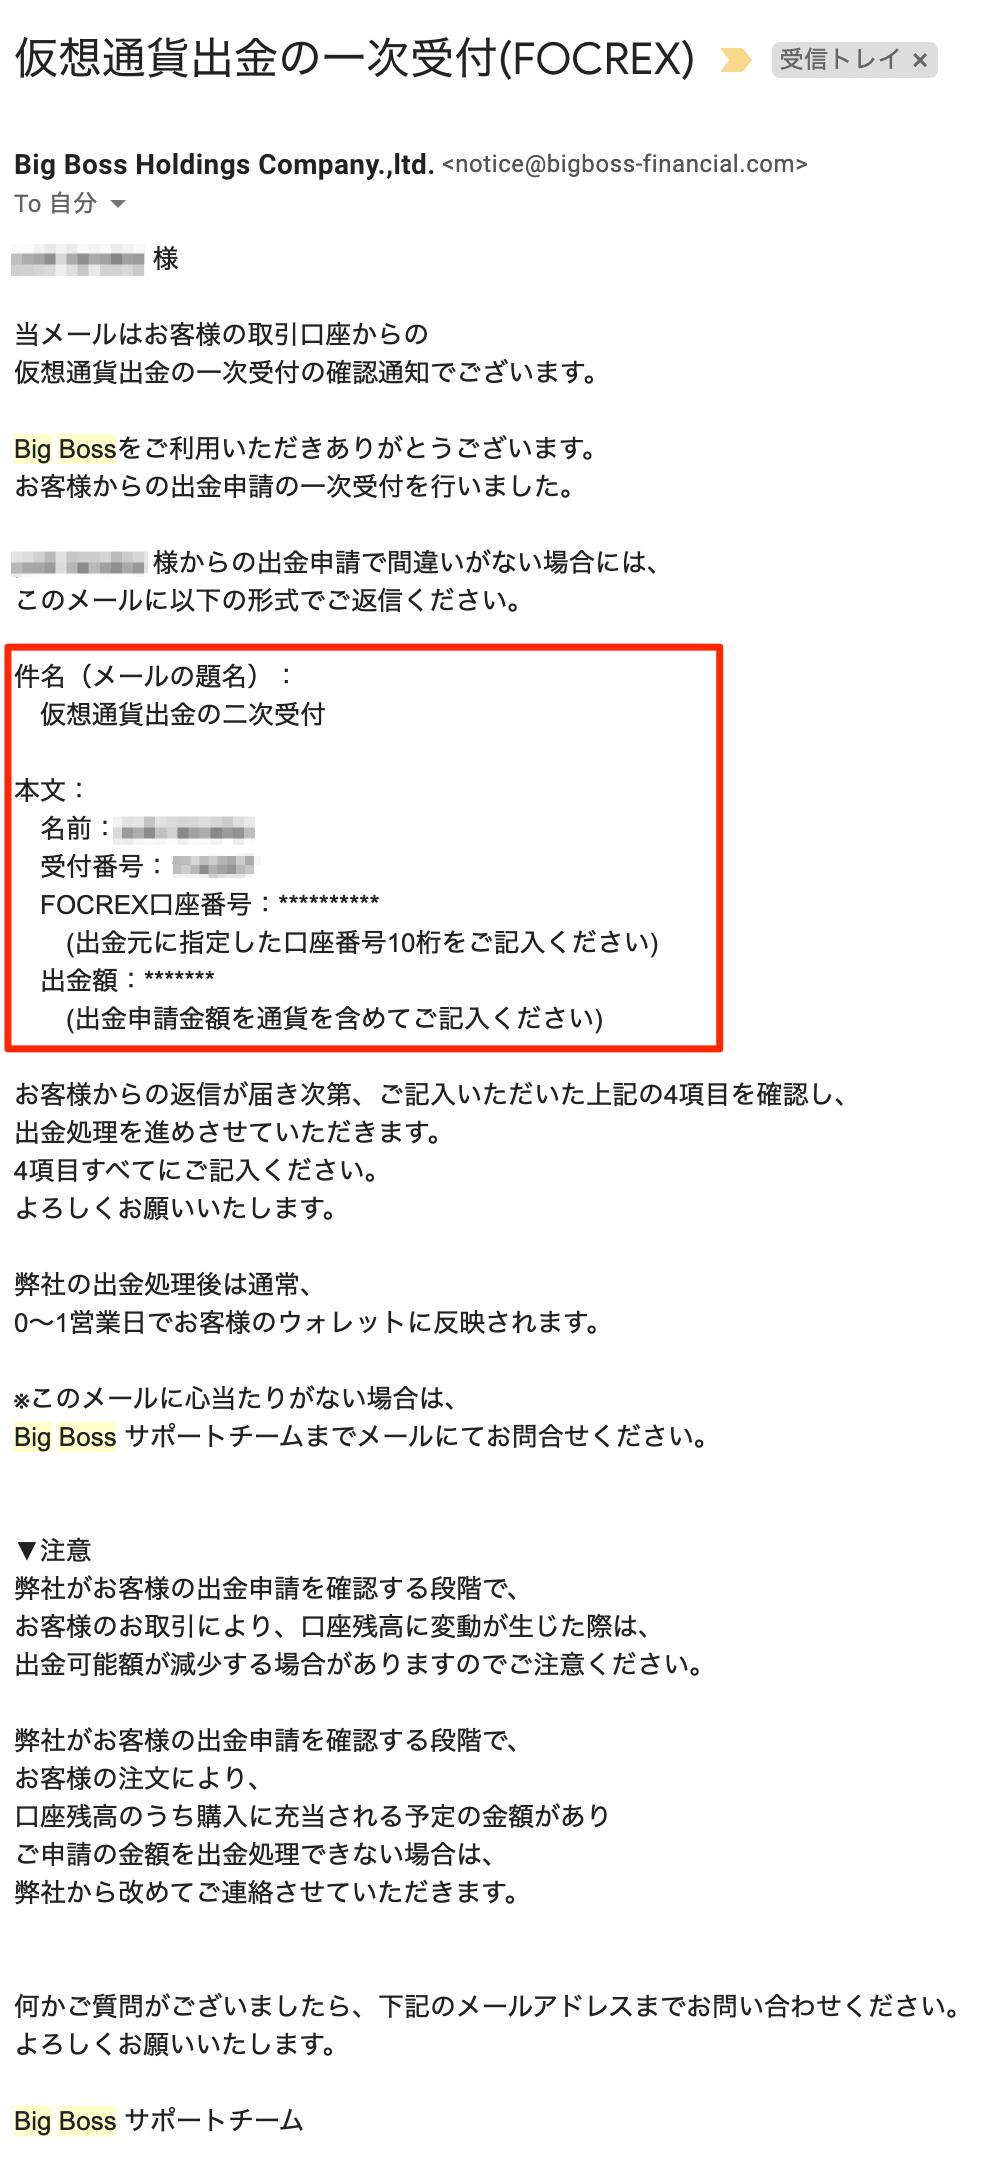 仮想通貨出金の一次受付(FOCREX)のメールが届く